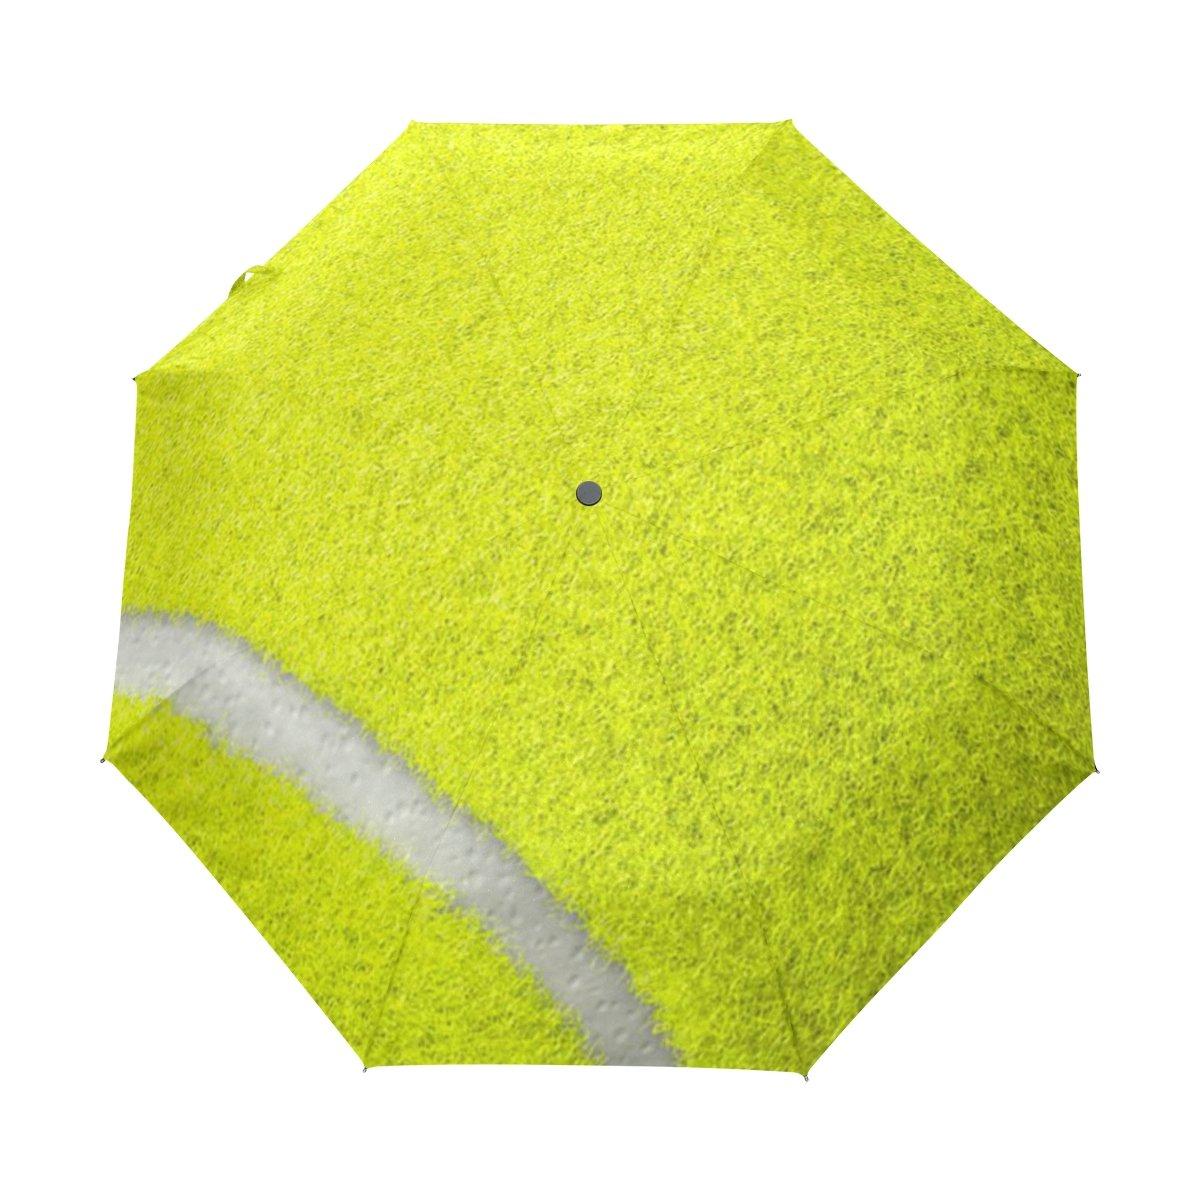 JSTeLテニス防風UV傘Auto Open Close 3折りたたみゴルフStrong Durableコンパクト旅行太陽傘、ポータブル軽量簡単キャリー   B06Y2GFZVL